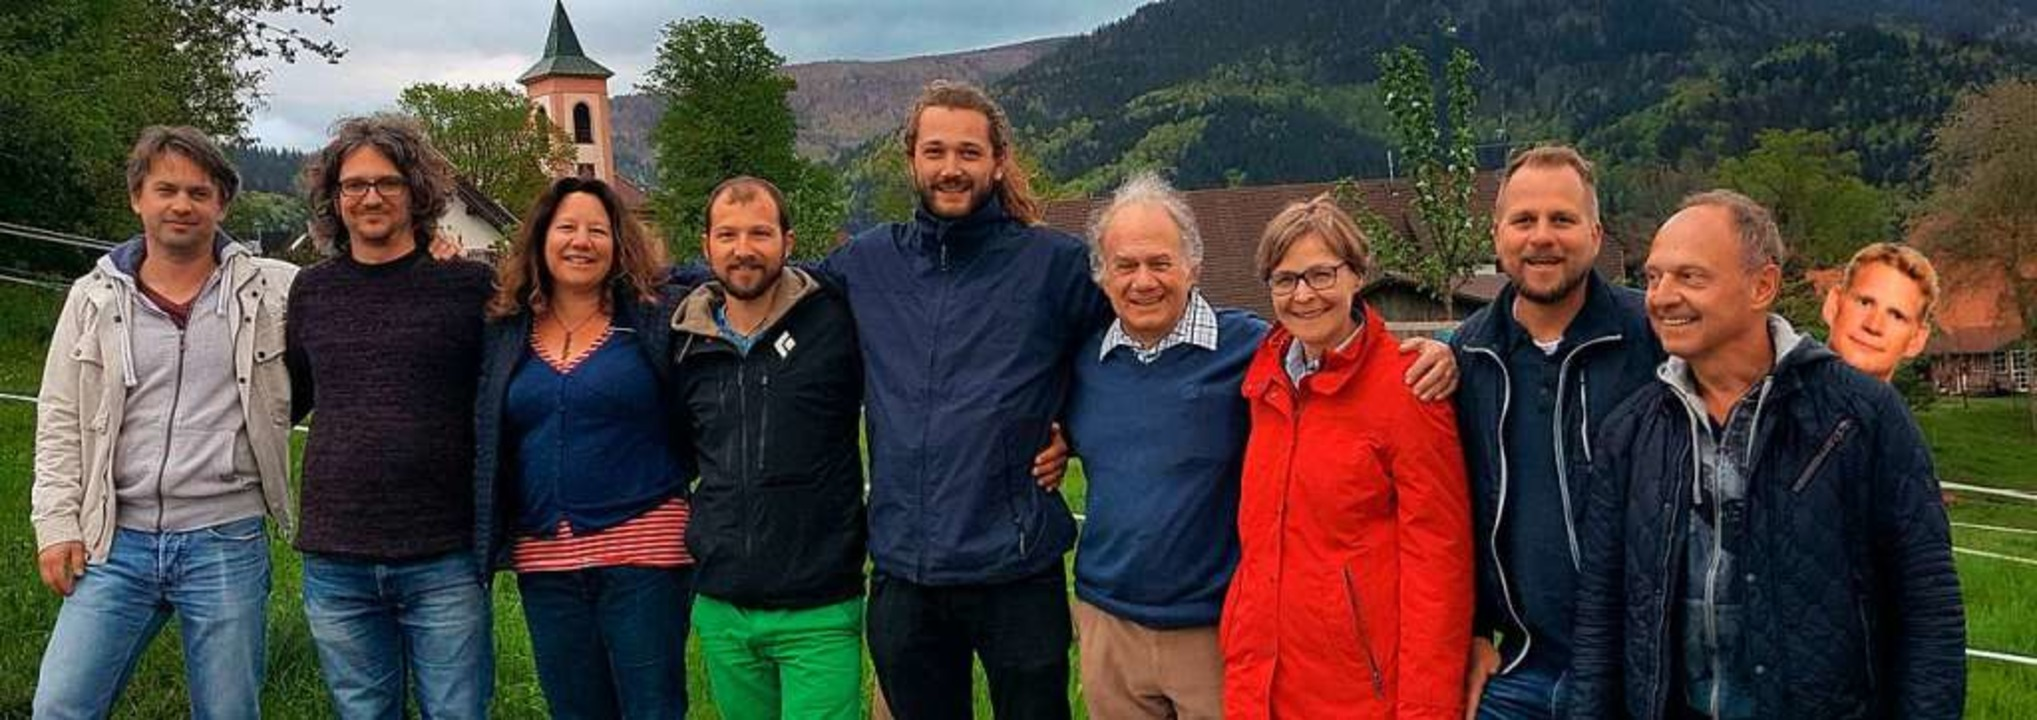 Die Kandidatinnen und Kandidaten von Horben-bleiben    Foto: Liste Horben-bleiben